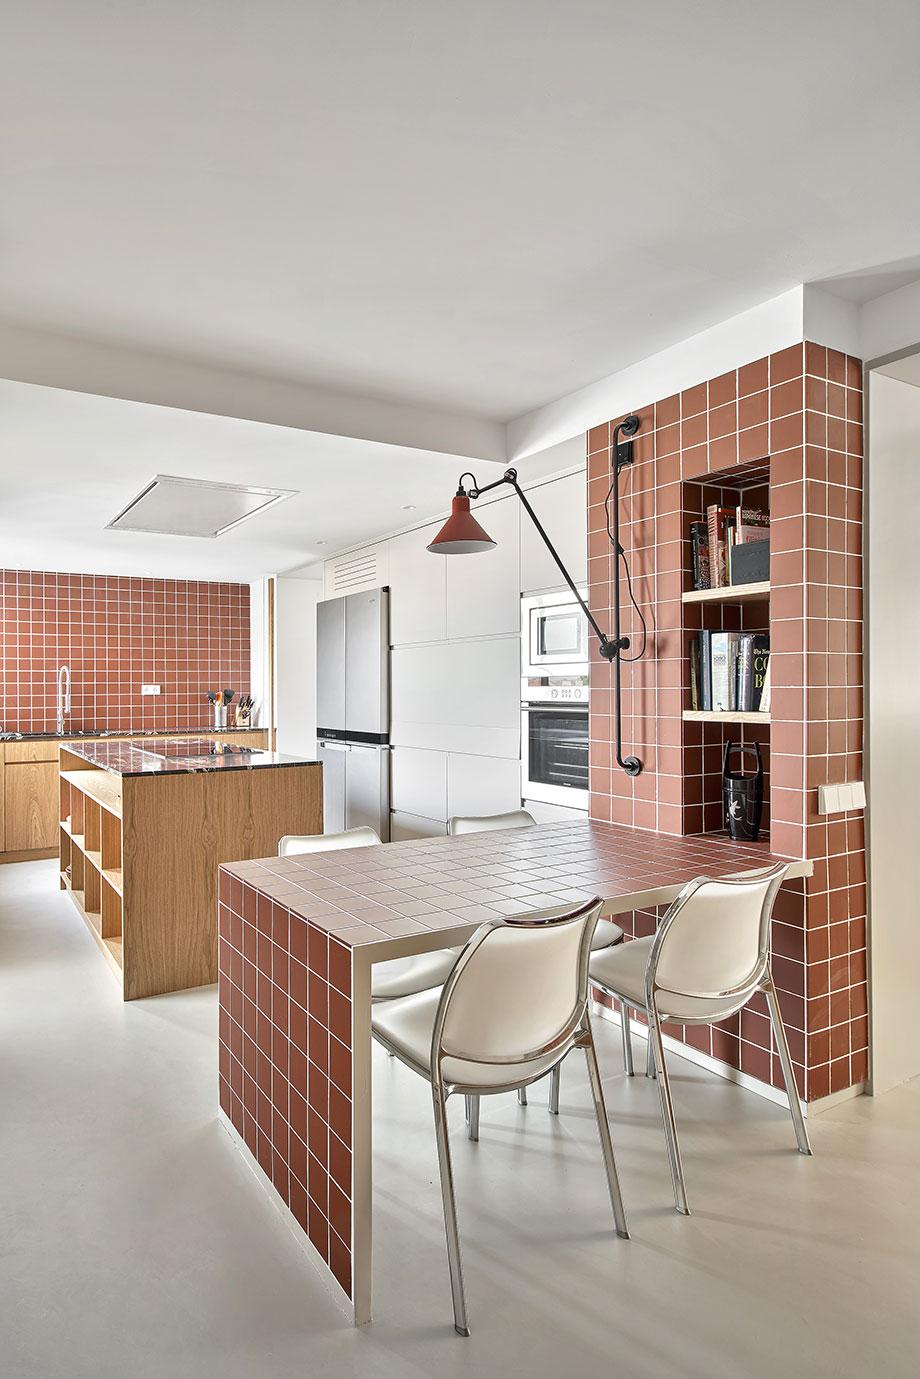 vivienda joliver de bonba studio (12) - foto jose hevia